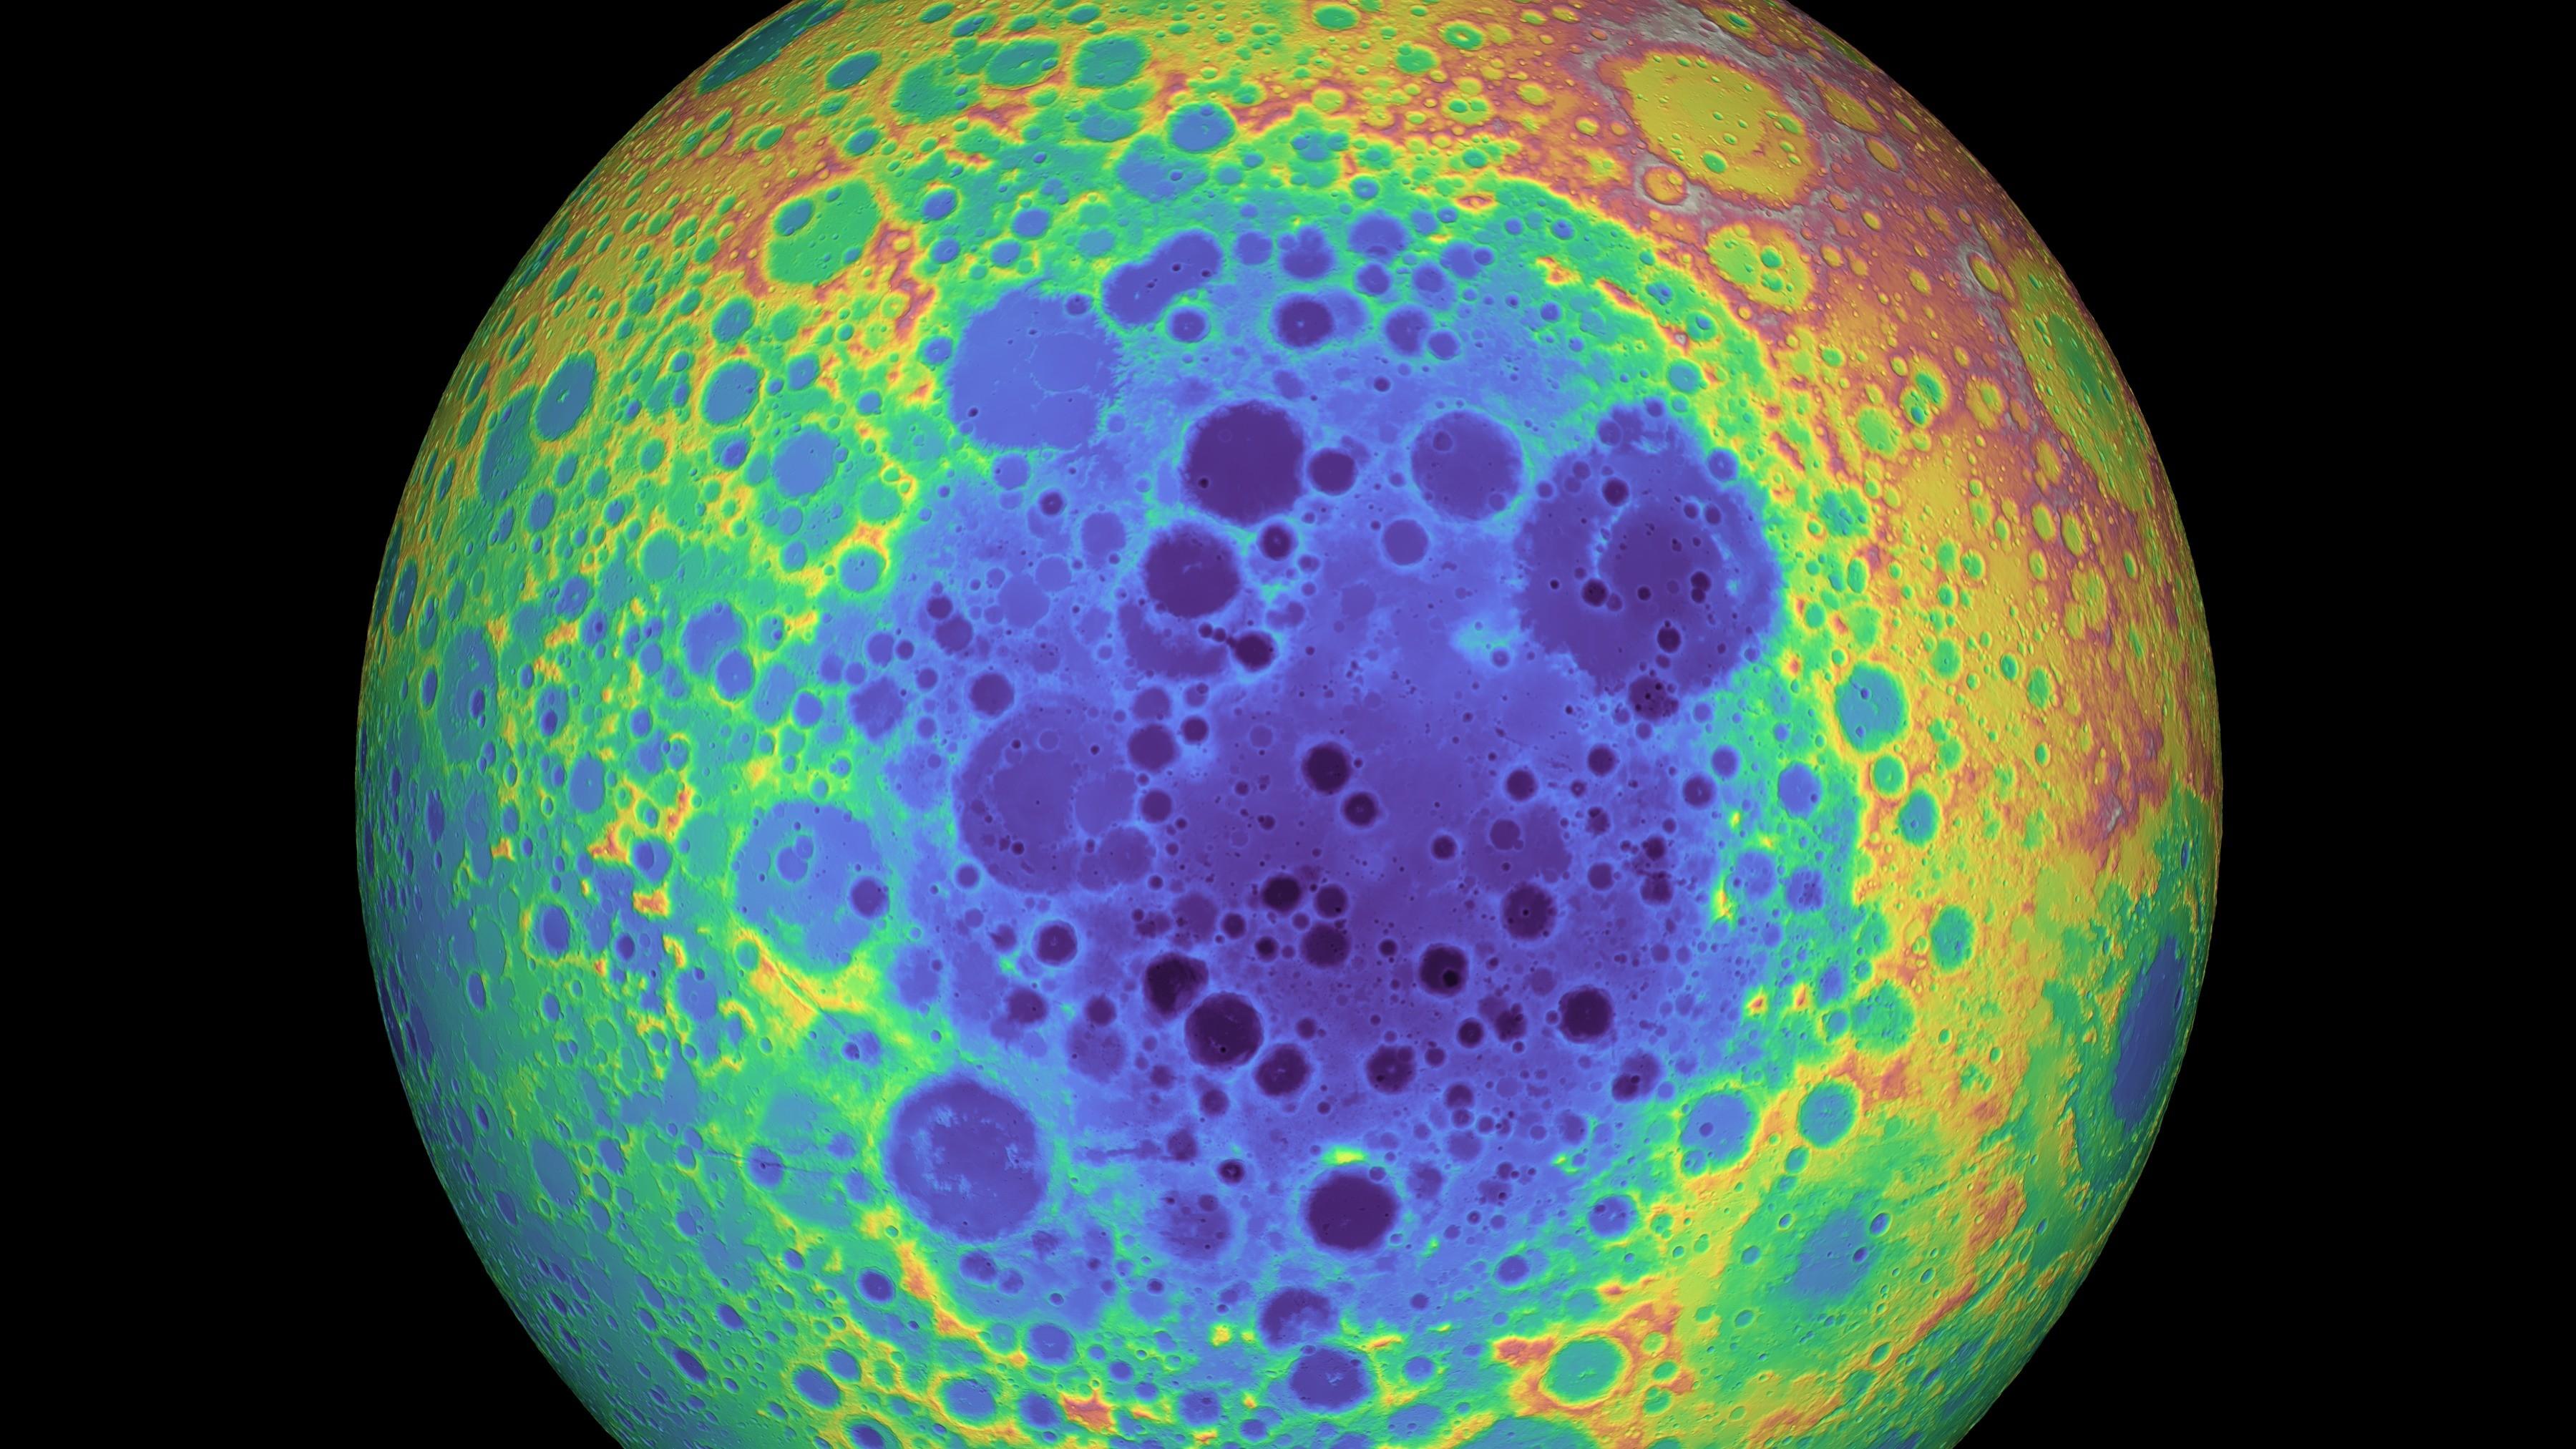 Айткенский бассейн (выделен фиолетовым цветом) представляет собой гигантский кратер от древнего падения метеорита